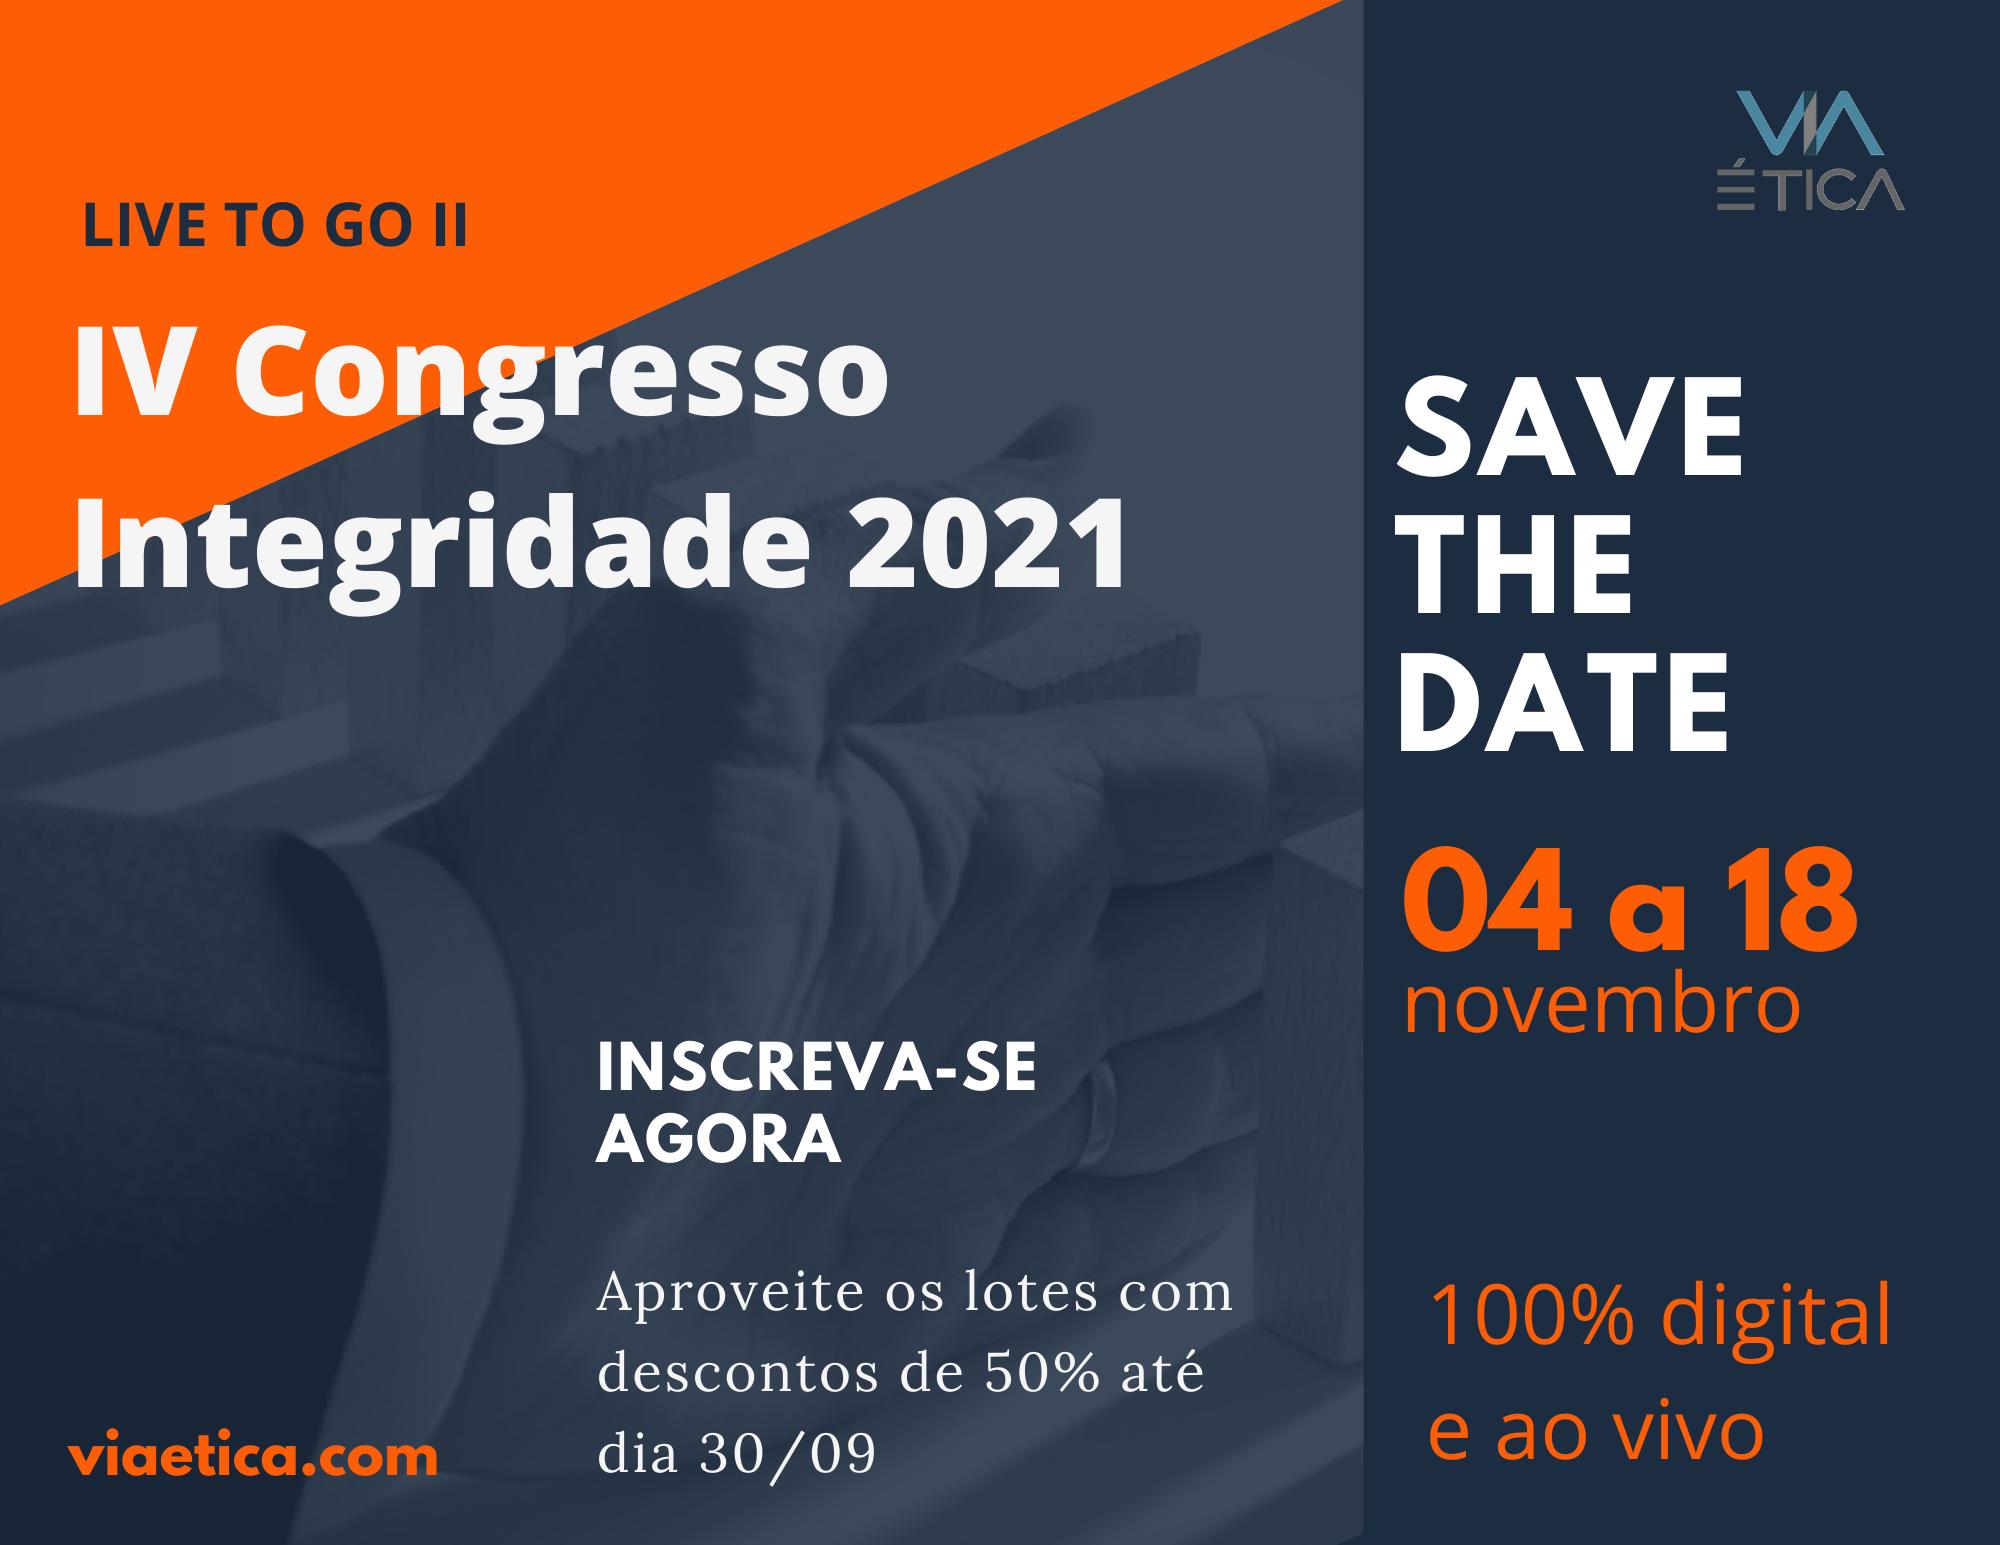 IV Congresso Integridade 2021 -  1o Lote